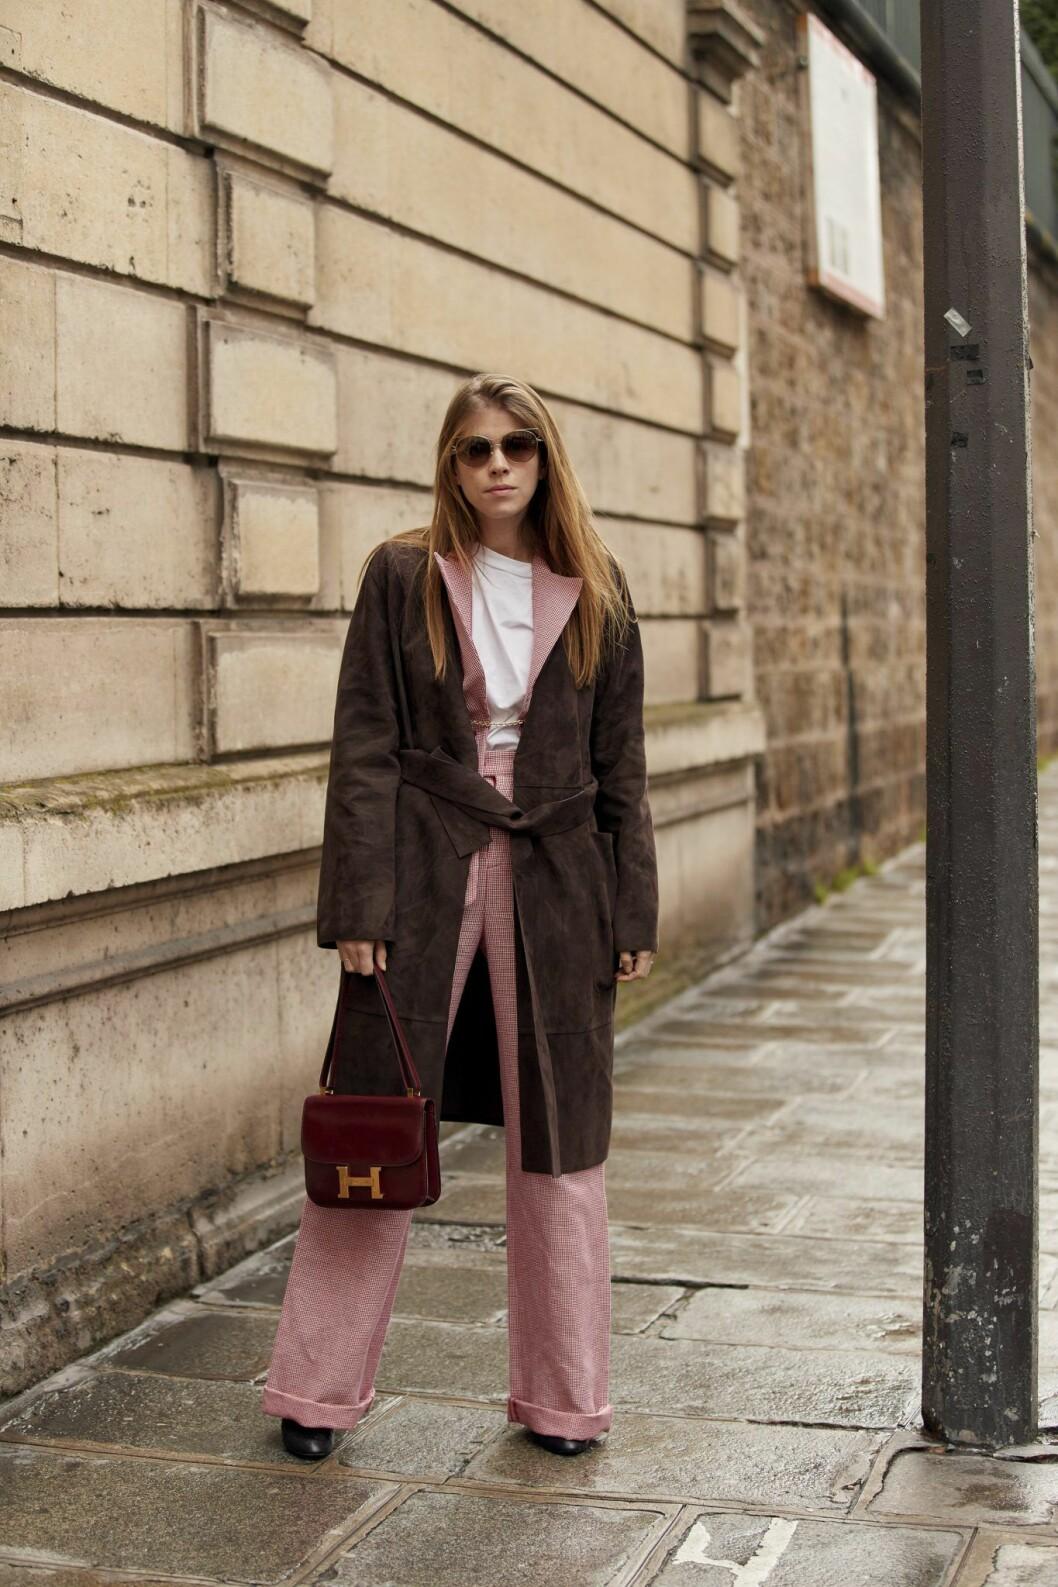 Rosa kostym Streetstyle Paris Fashion Week AW20.